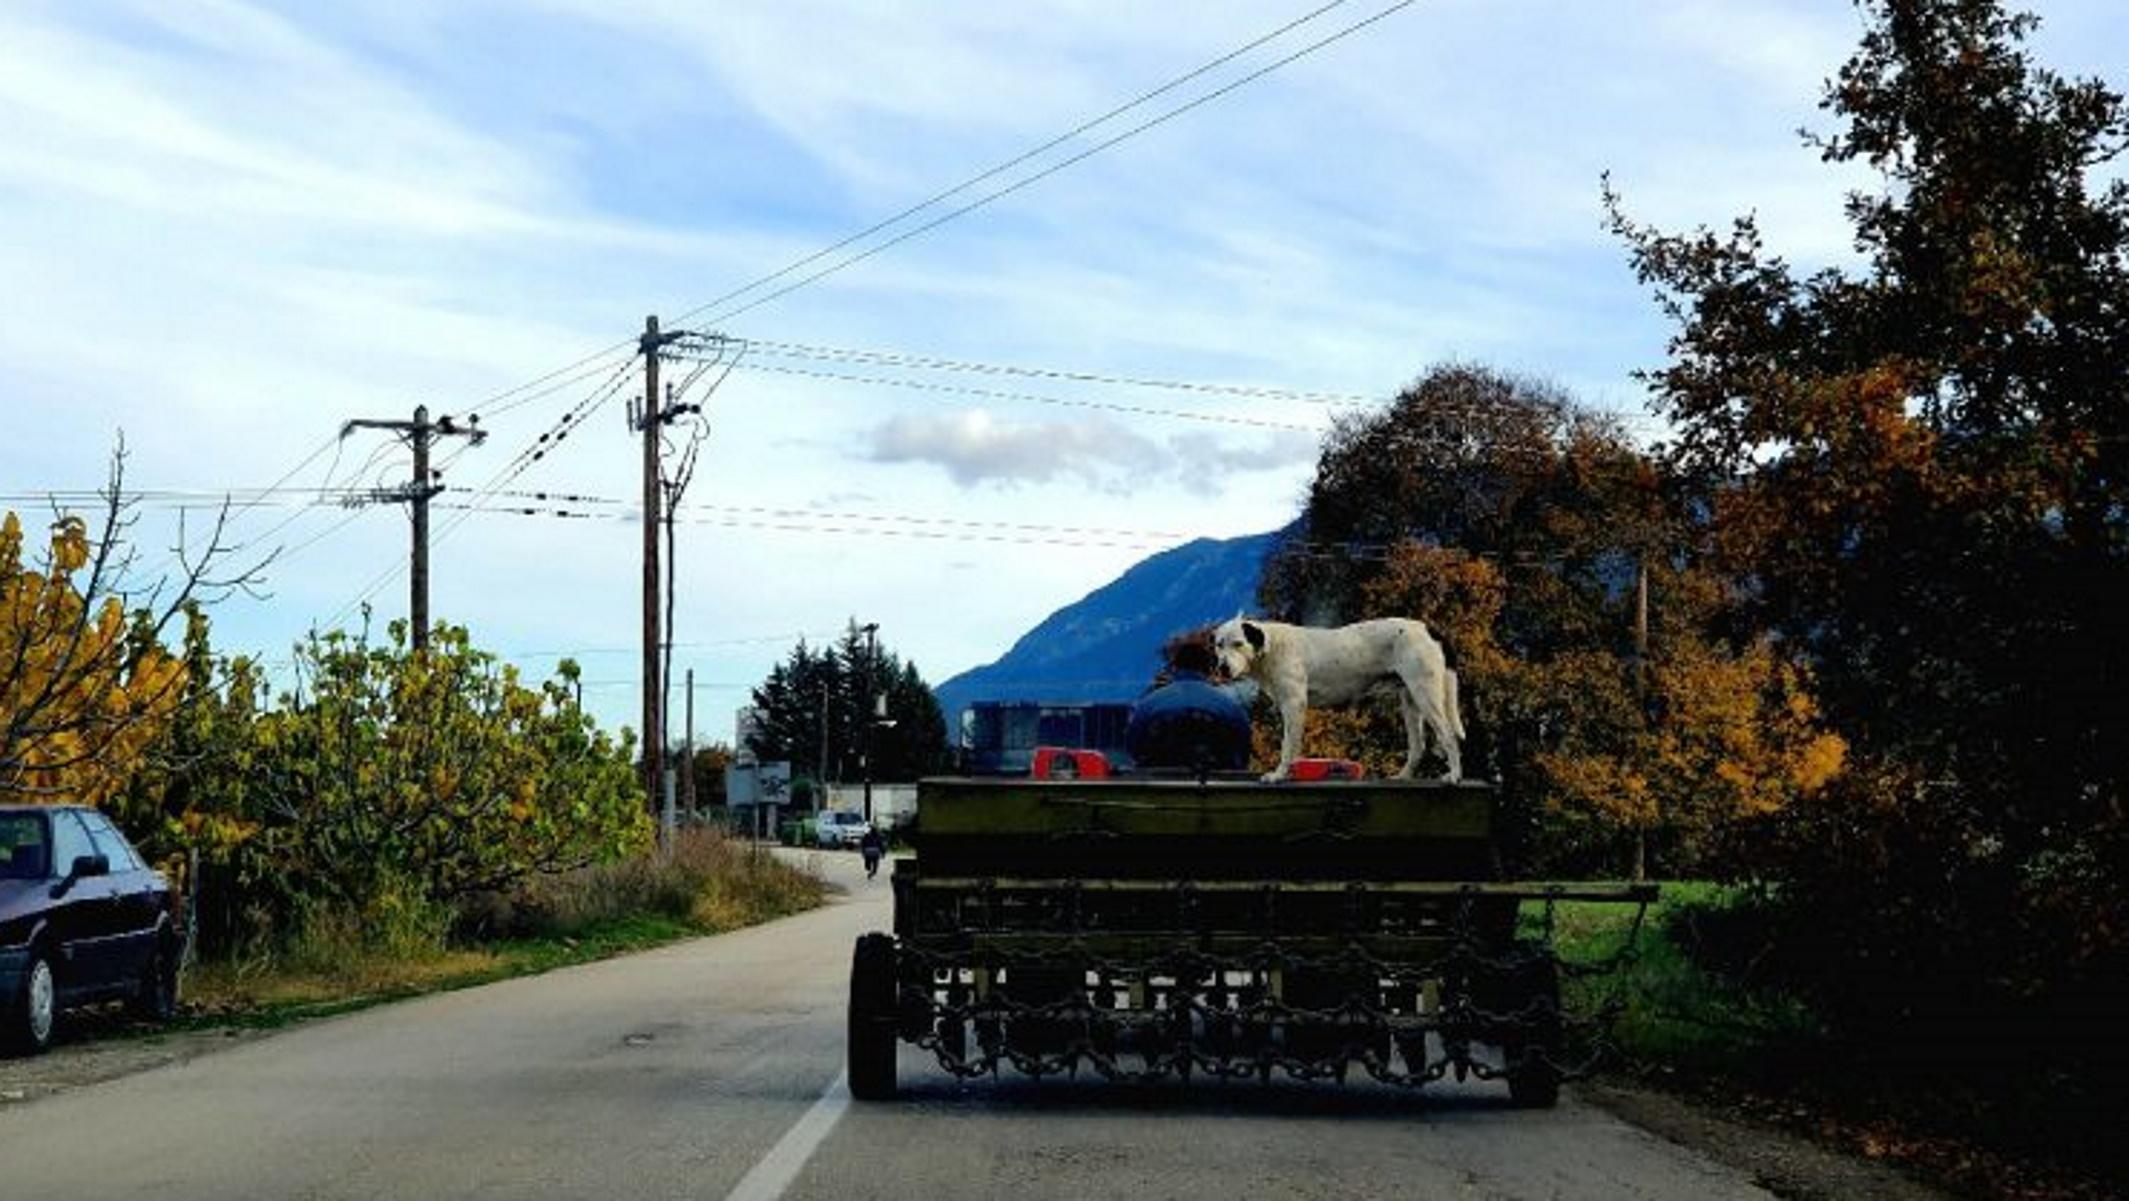 Φθιώτιδα: Μια σκυλίσια μέρα στη δουλειά – Κλέβει τις εντυπώσεις ο σκύλος «αγρότης» (pics)